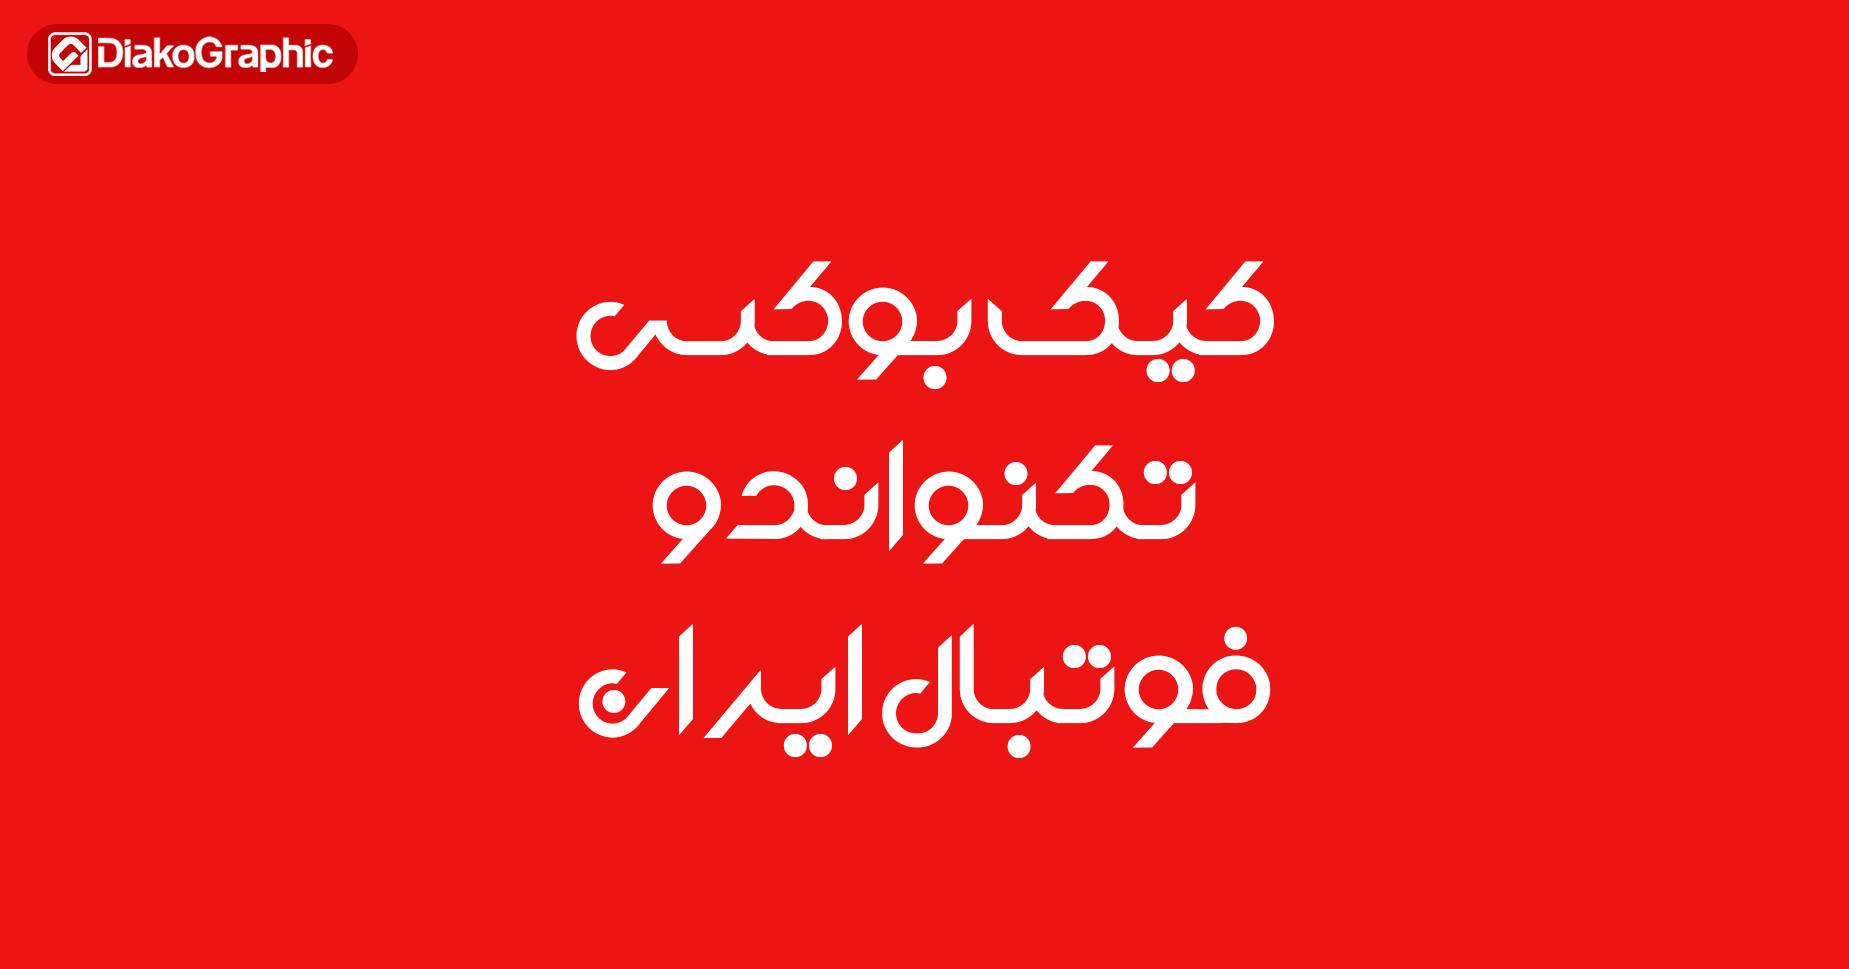 فونت فارسی دیما اسپورت